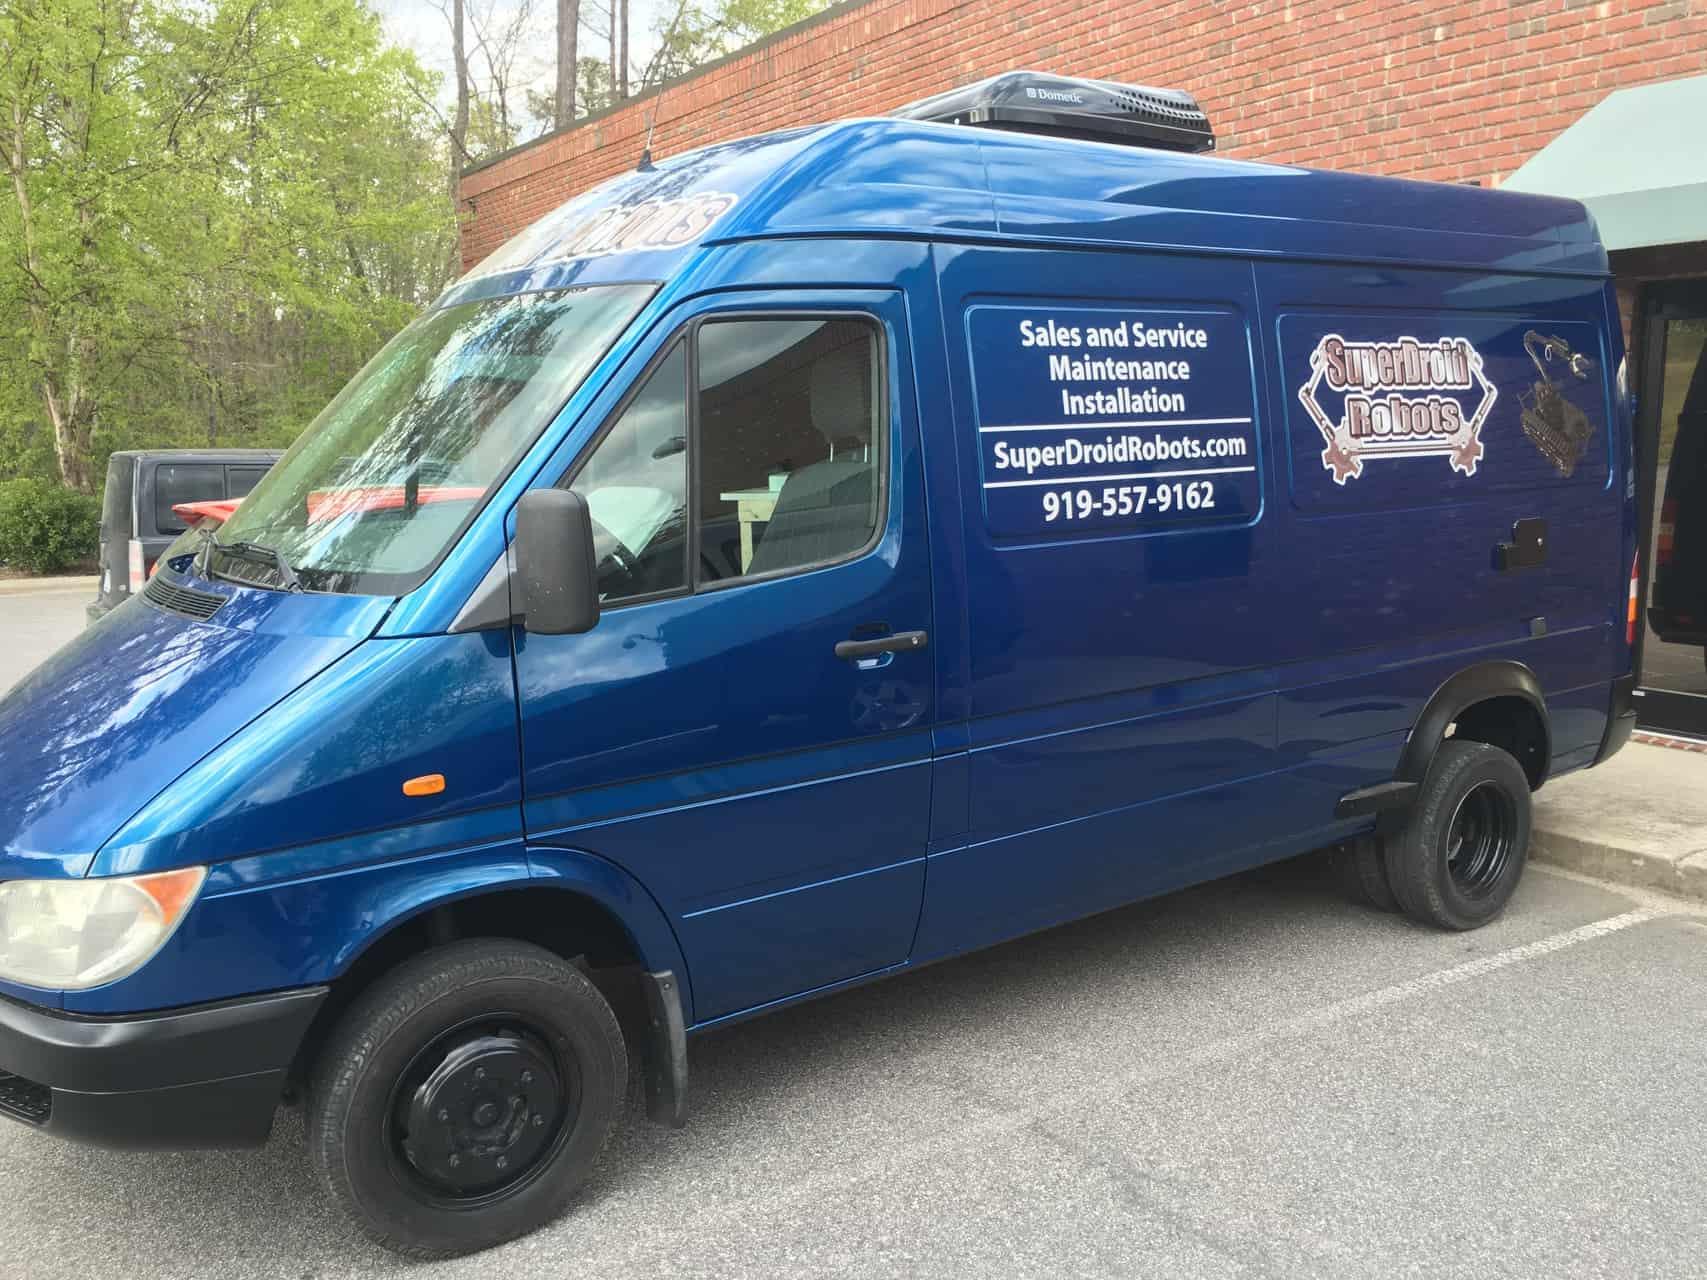 SuperDroid Robots new Service Van